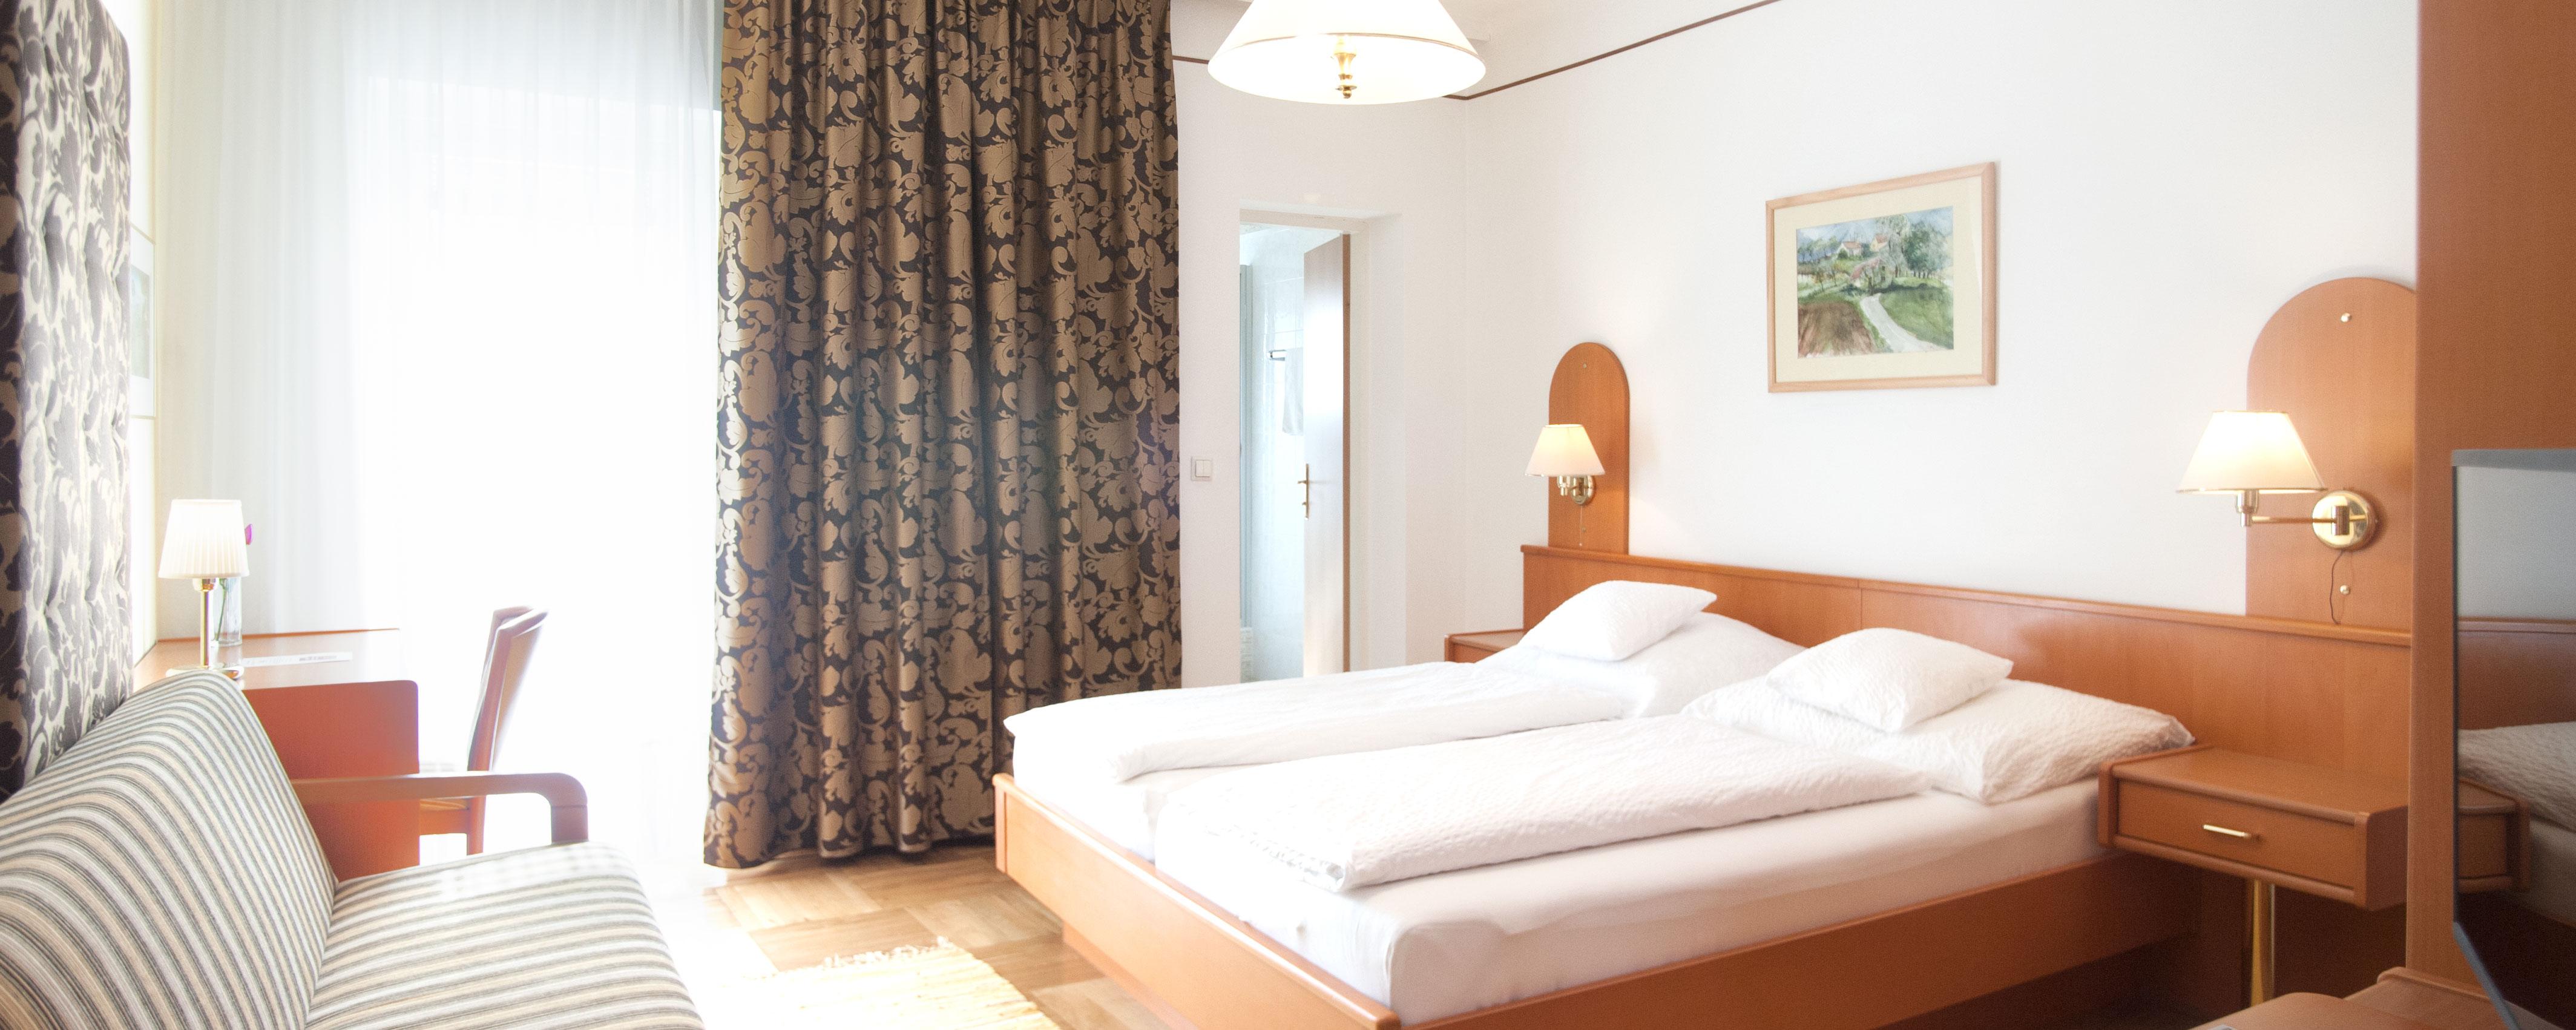 Gästezimmer, Pension Freingruber Rechnitz